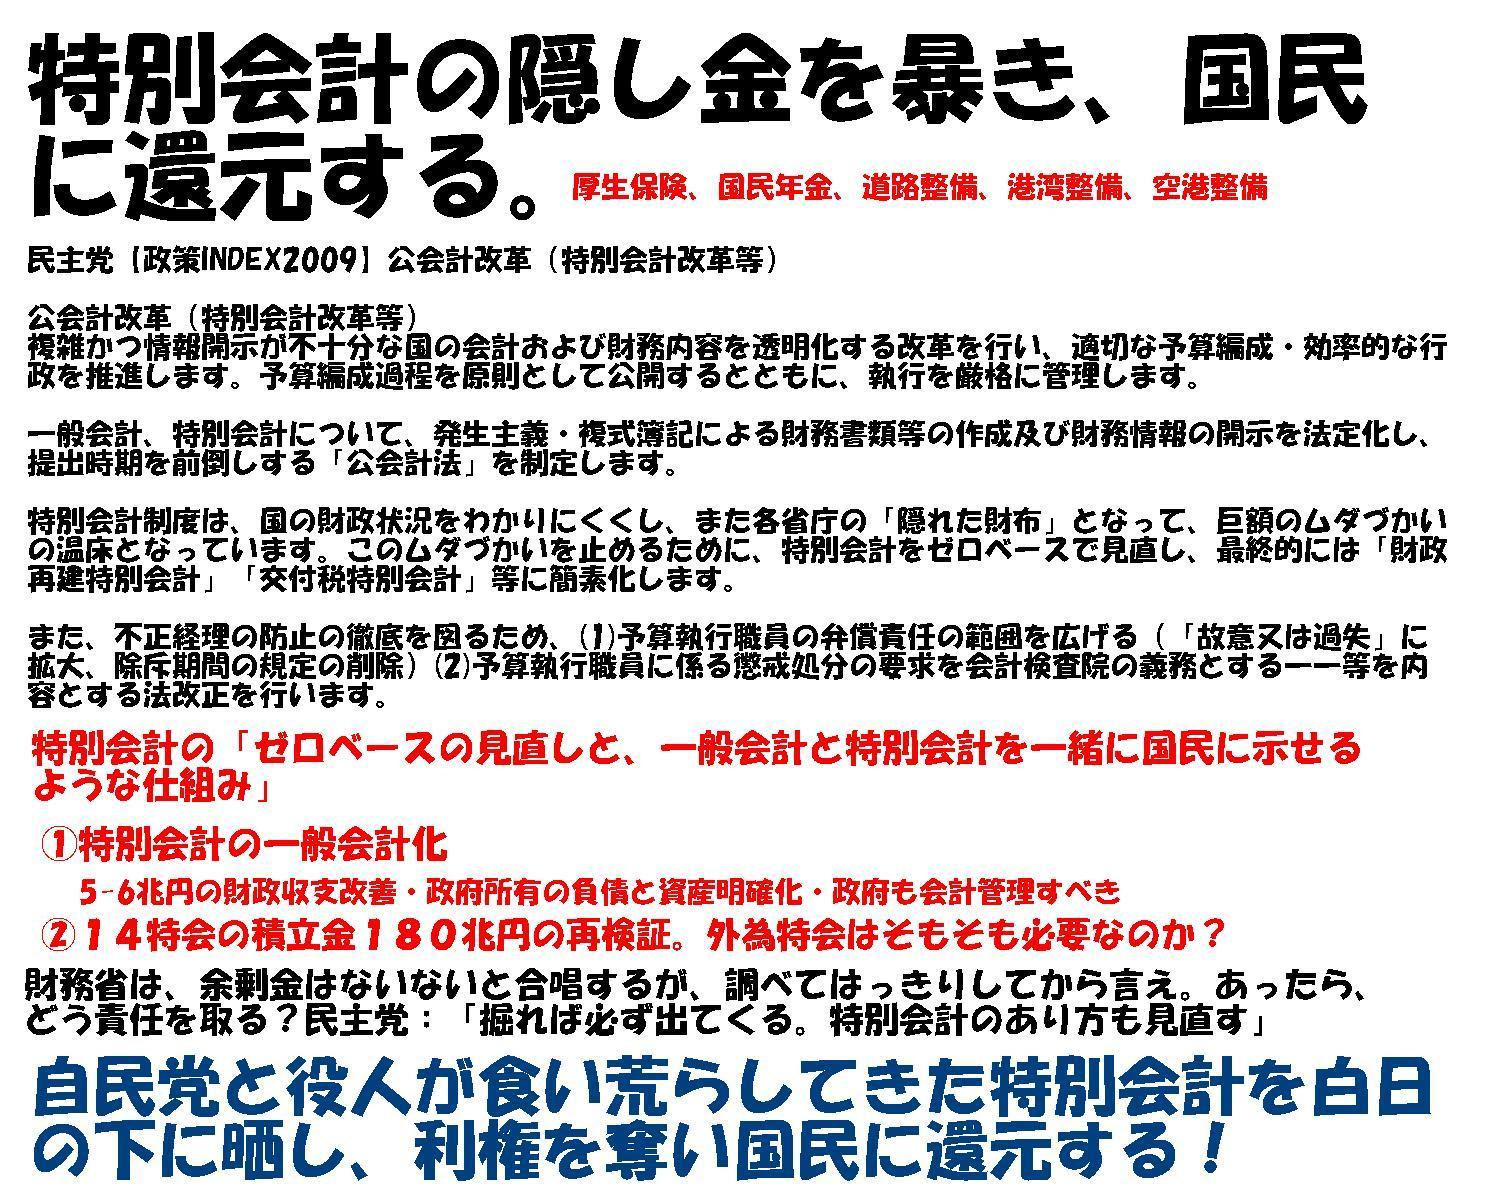 9月6日神戸講演会の資料その3です。